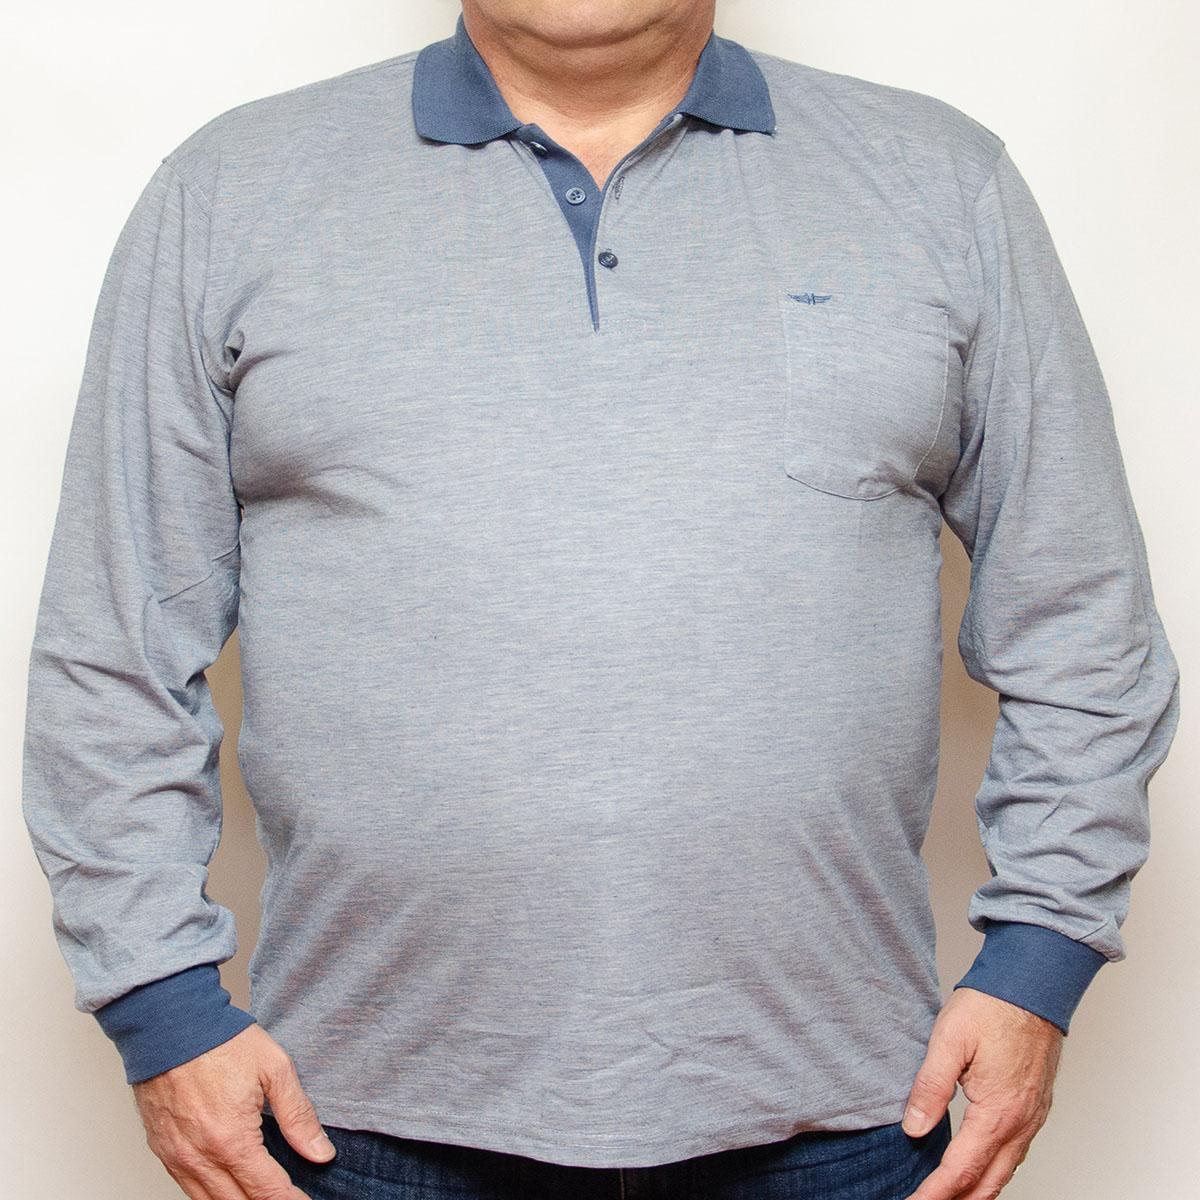 Bluza subtire gri cu insertii blumarin si cu guler , Marime 6XL - egato.ro